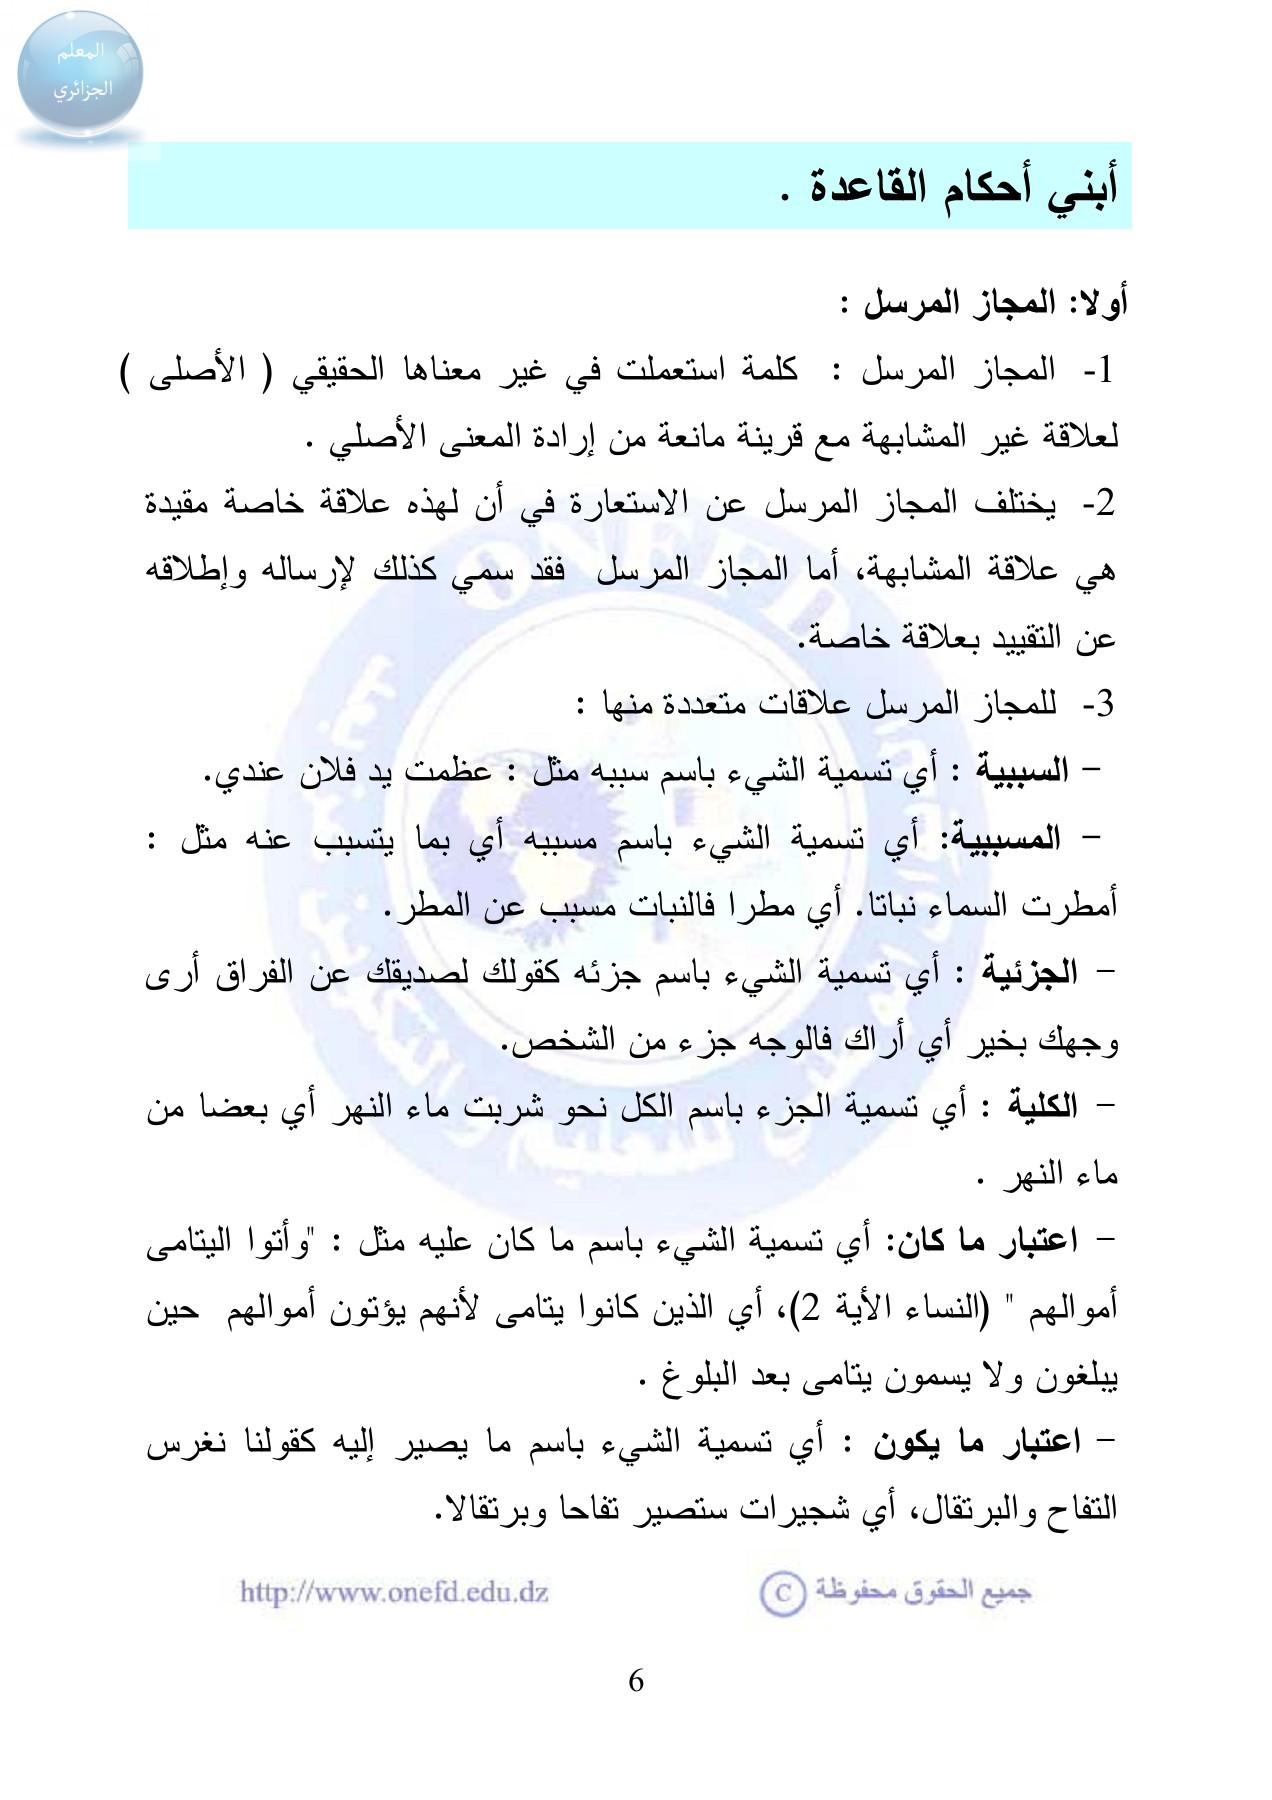 دروس مادة اللغة العربية للفصل الثالث للشعب العلمية سنة ثالثة ثانوي Flip Book Pages 201 217 Pubhtml5